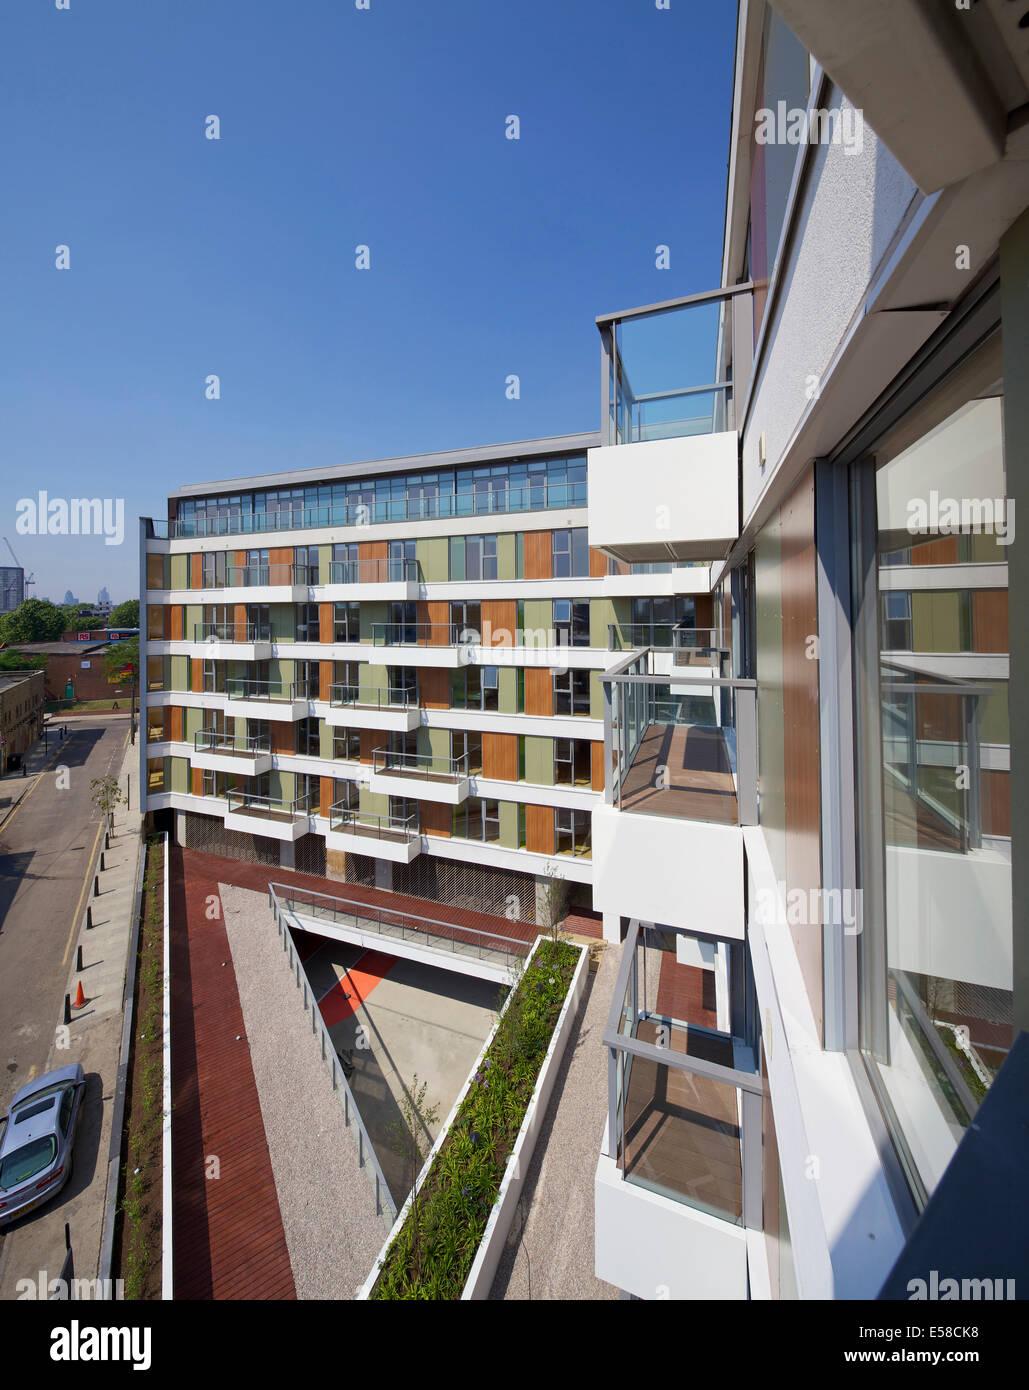 Balkon-Fassade am 419 Docht Lane in London. Neue Wohnungen gebaut von Entwicklung Securities Plc gegenüber Stockbild